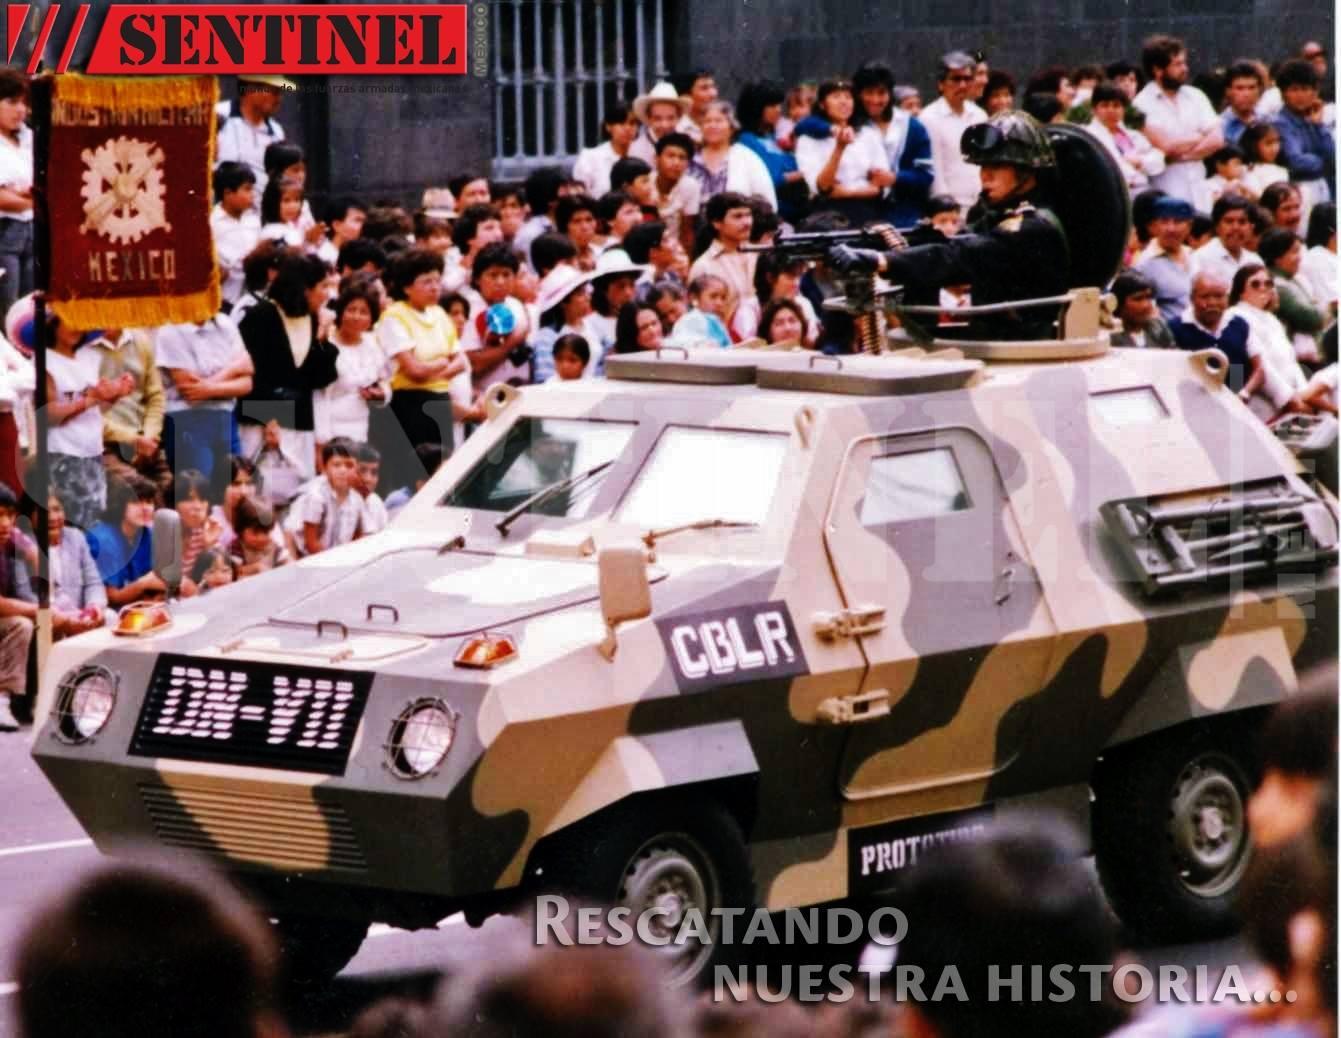 fotos vintage de las Fuerzas armadas mexicanas - Página 7 K6exd